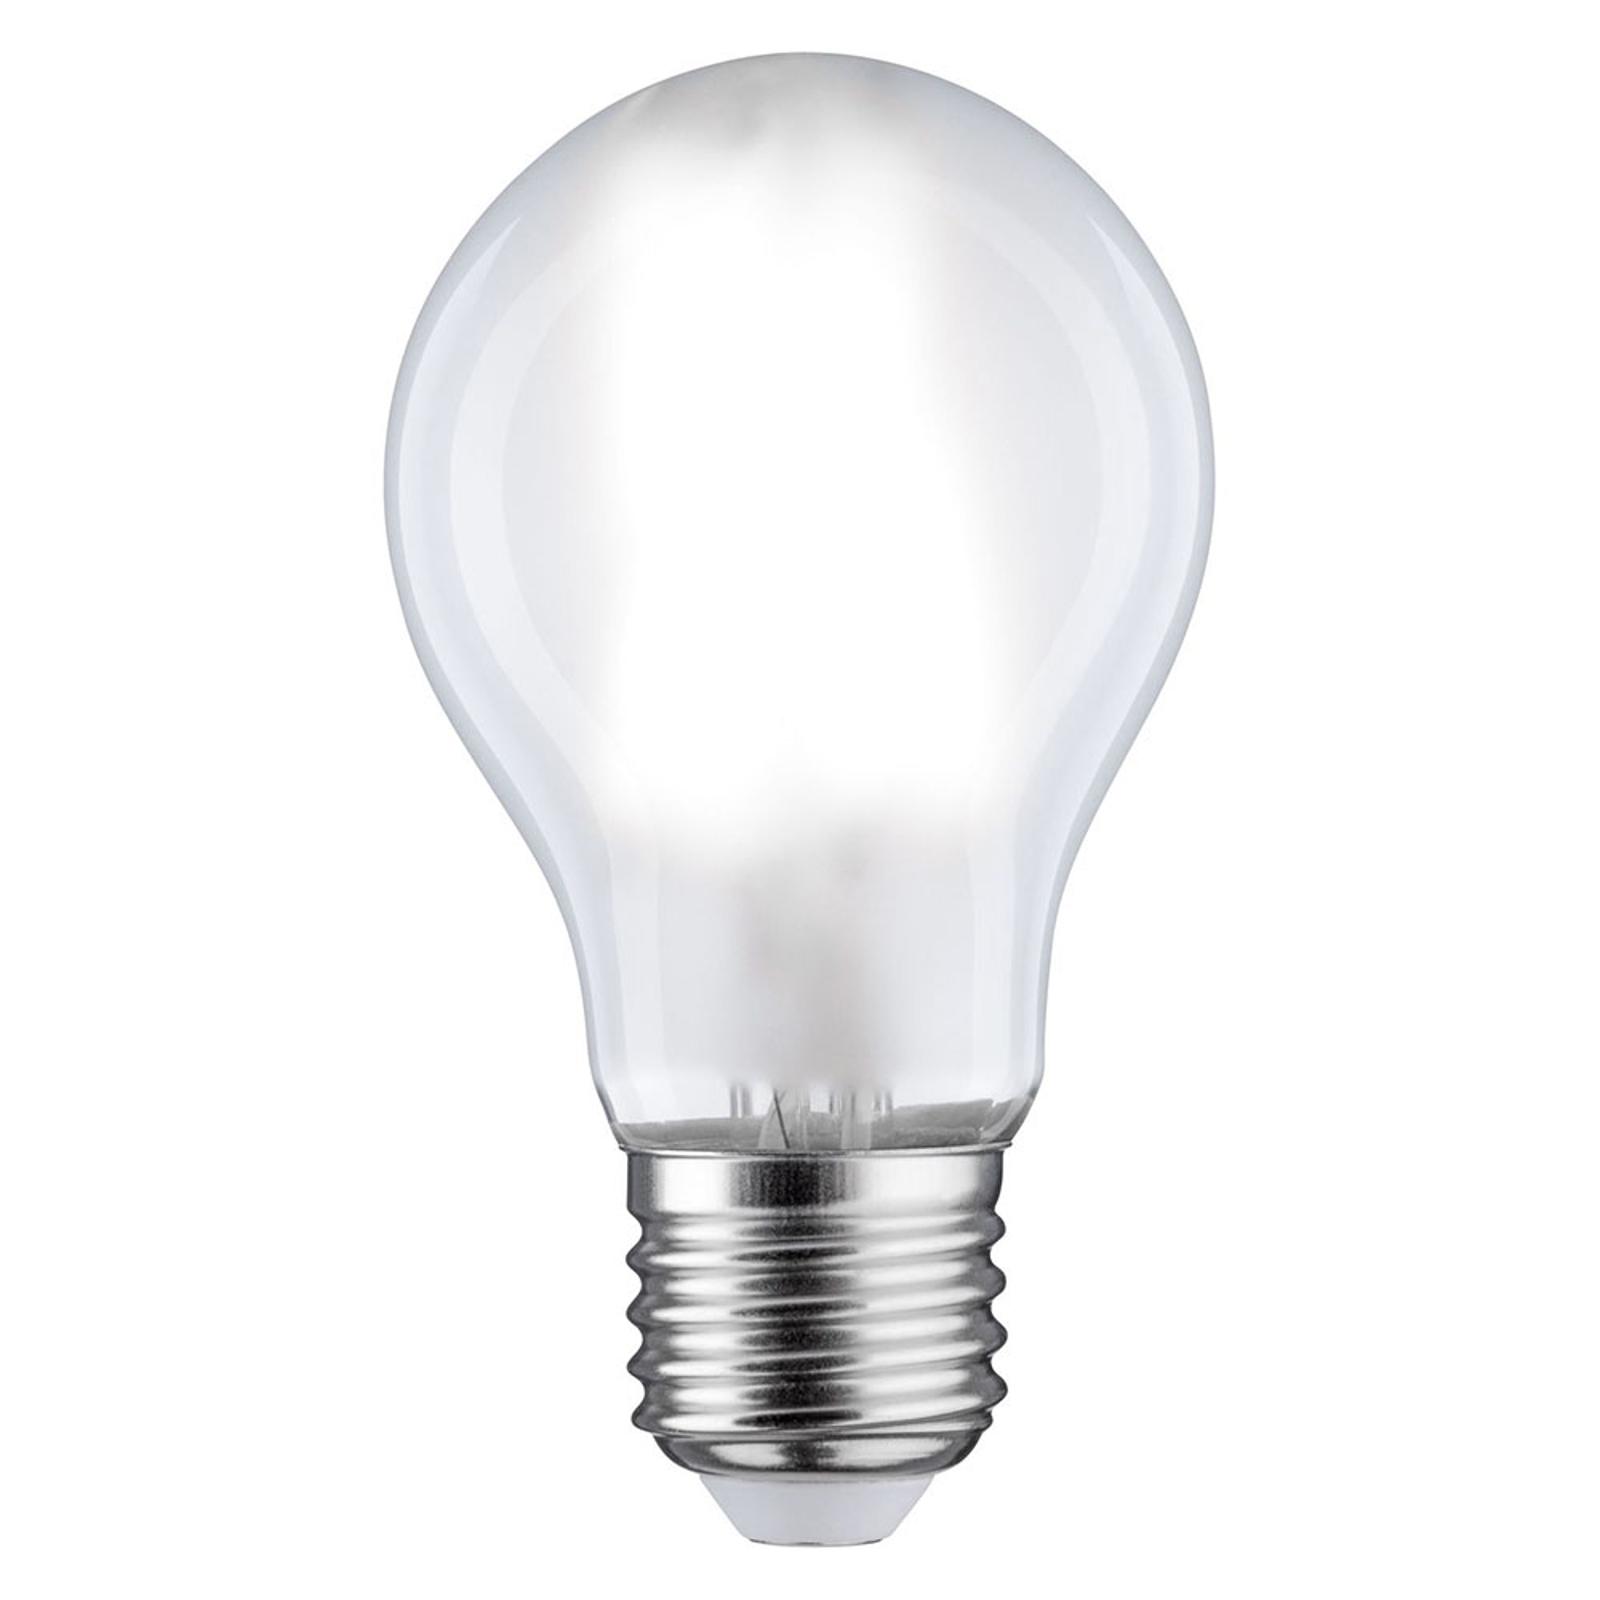 Paulmann LED-Lampe E27 7,5W 865 806lm dimmbar